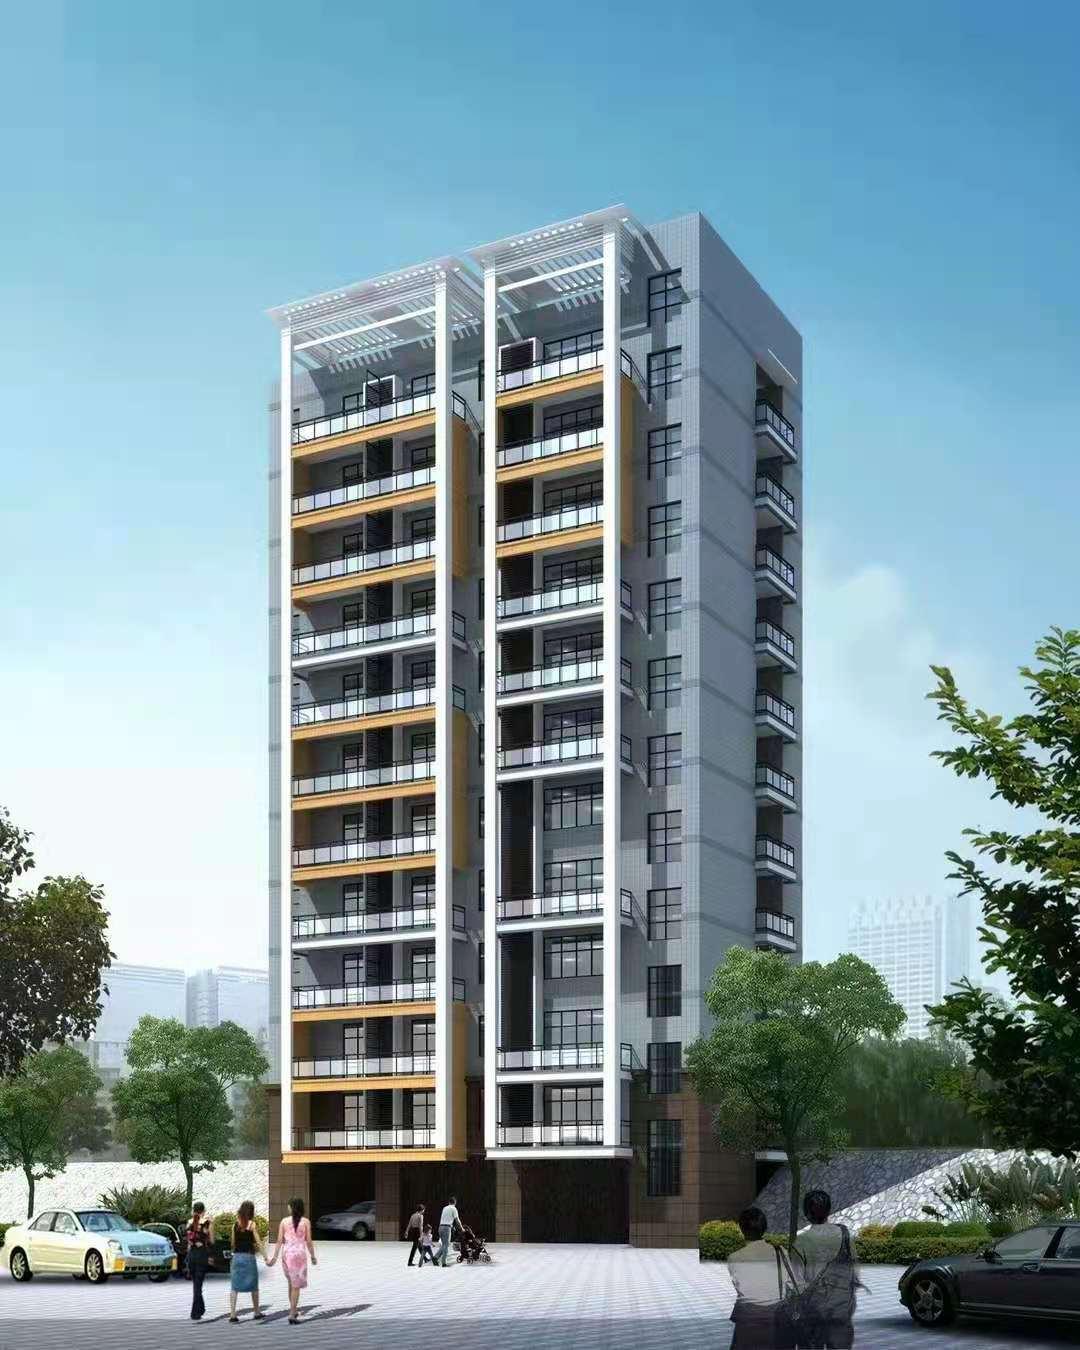 惠州惠阳小产权房《沙田花园》四栋封闭式花园学区洋房 首付3-5成 分期5年